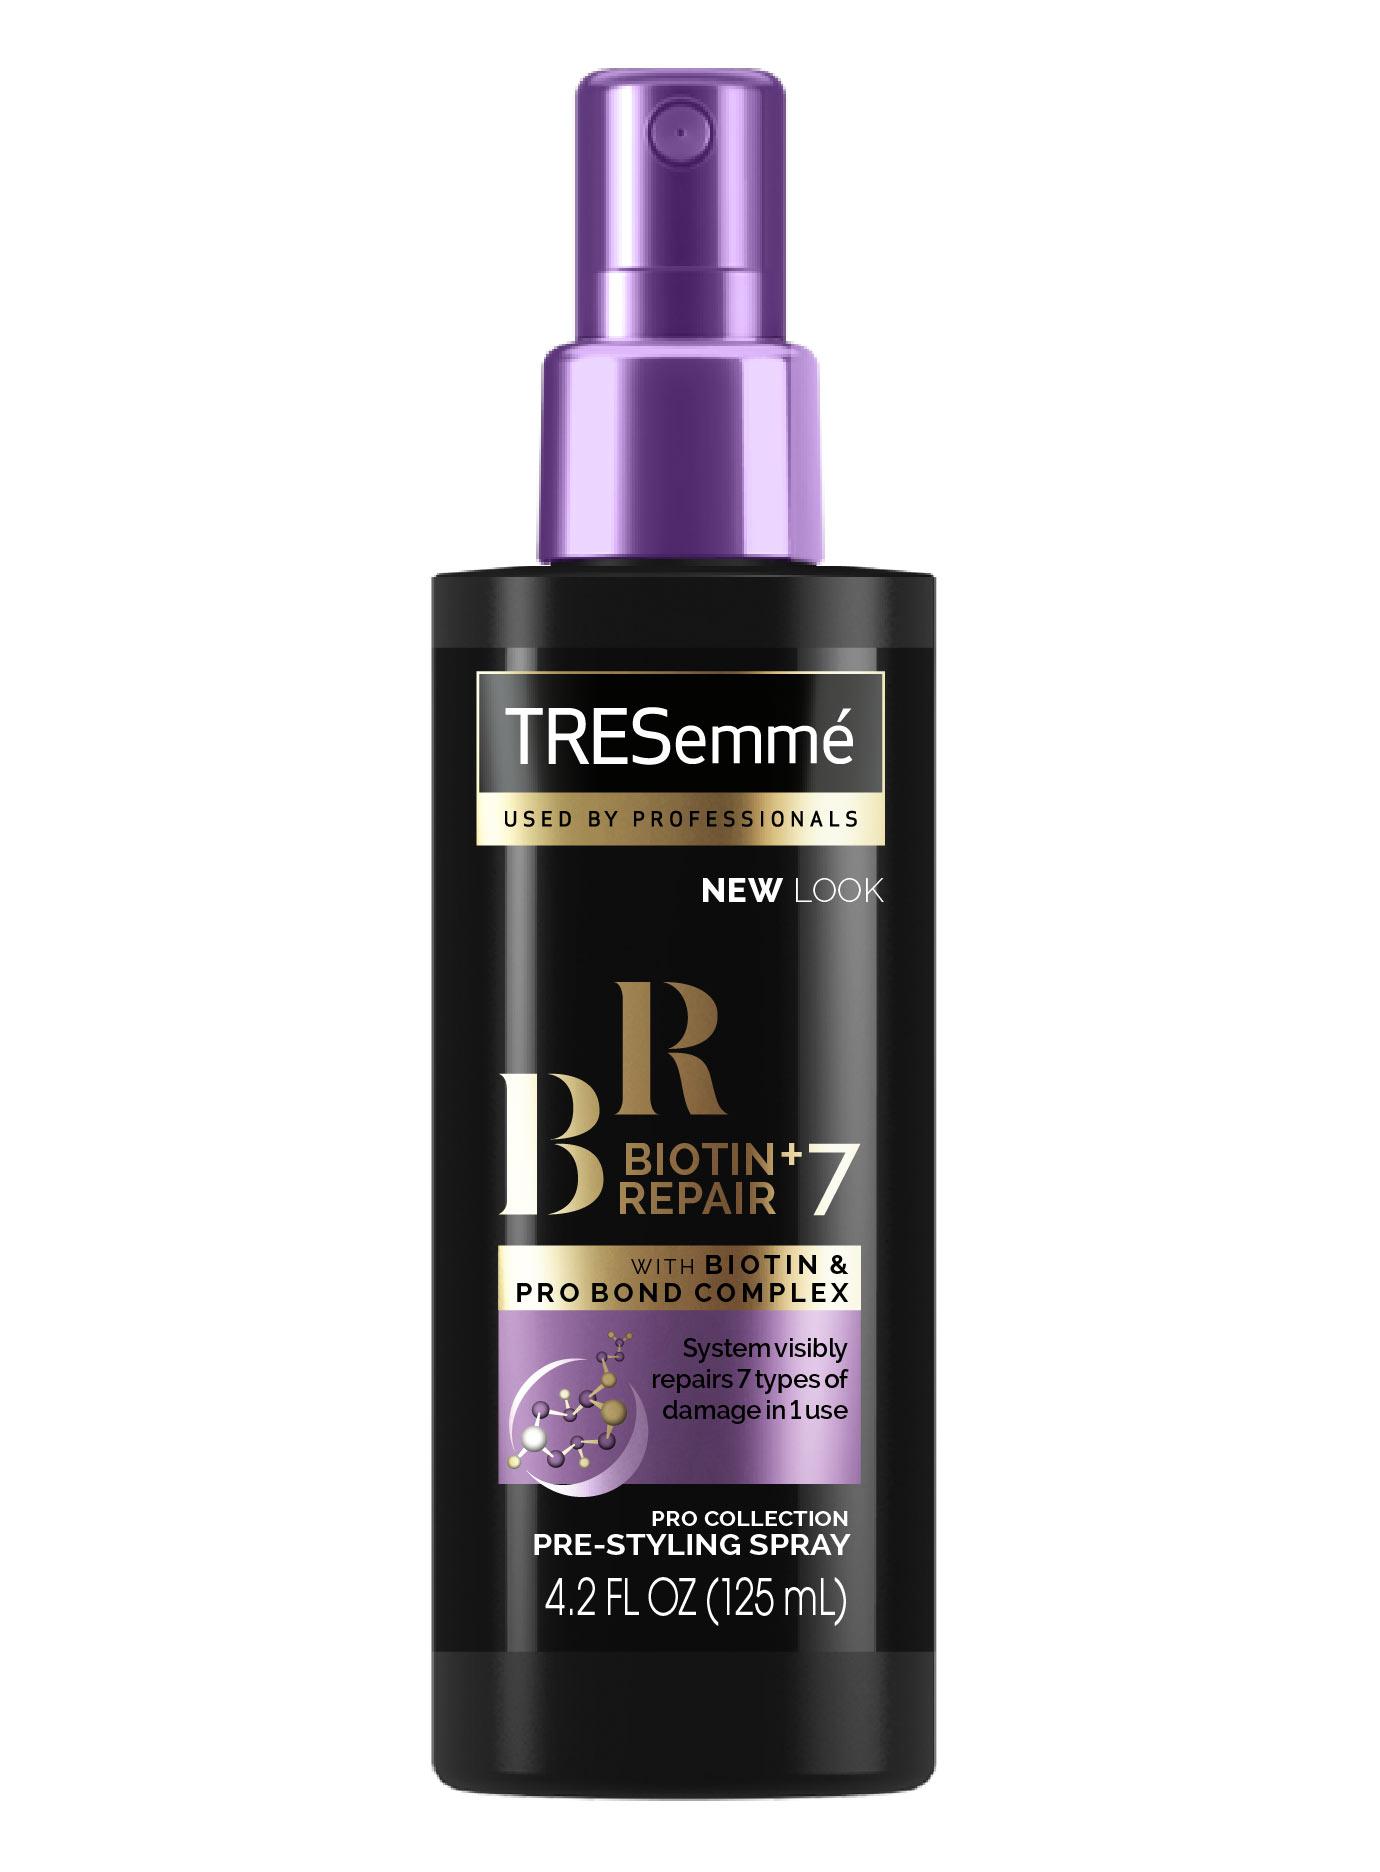 TRESEMME Biotin+Repair 7, £4.50